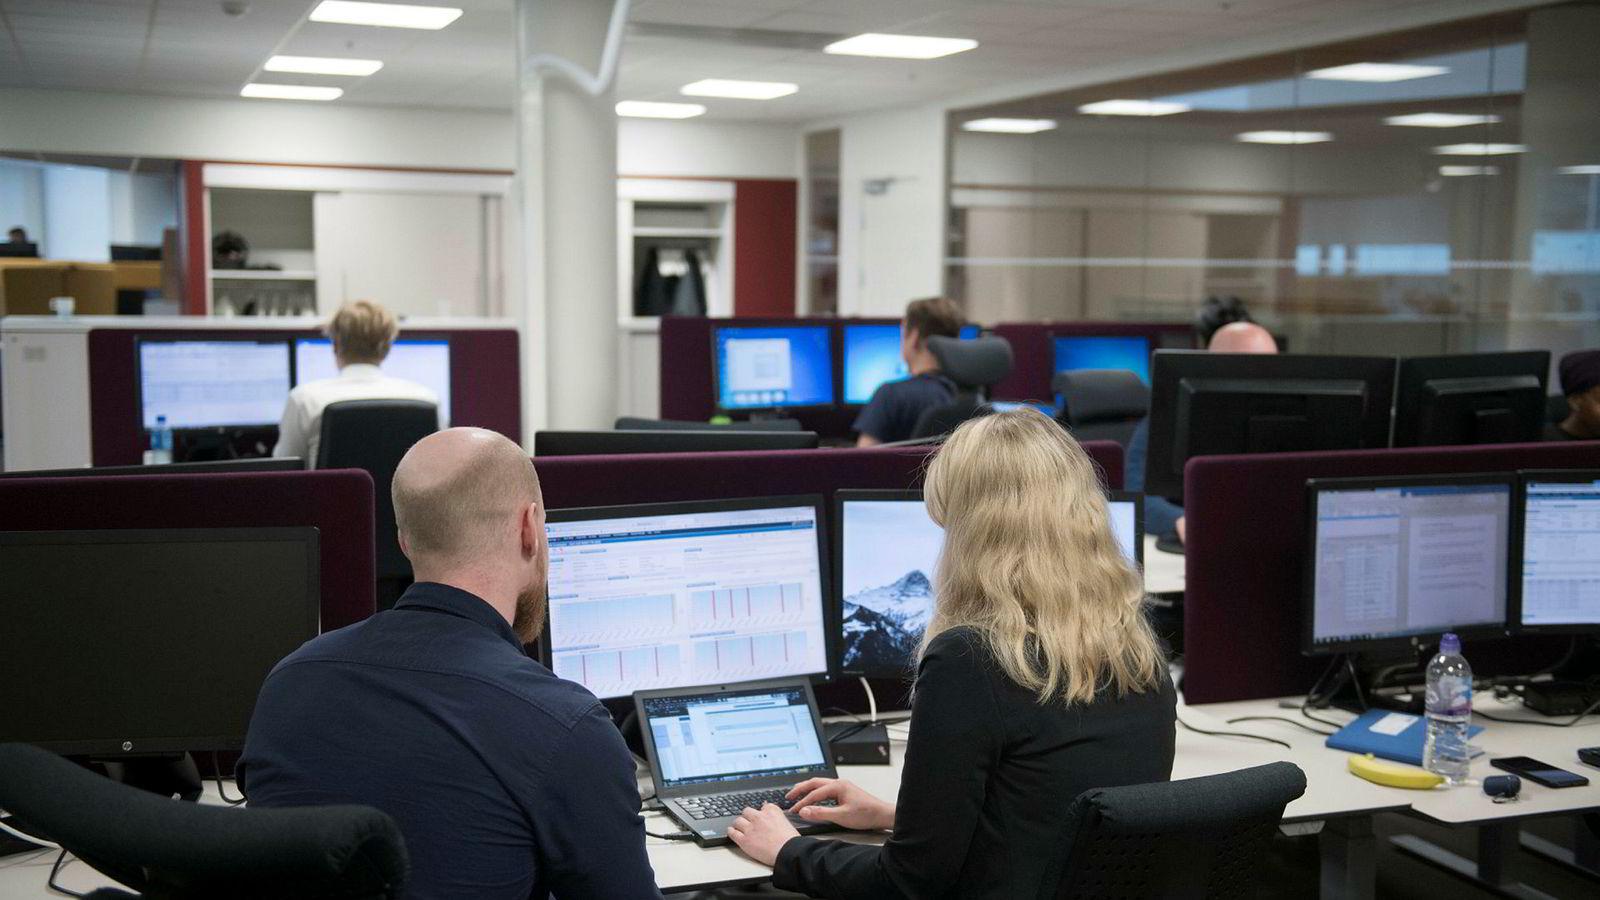 På Nordeas hovedkontor i Oslo sitter flere titall ansatte med overvåkning og oppfølging av kunder og pengestrømmer. Nordea vil hverken gå ut med navn eller ansikt på de ansatte her.